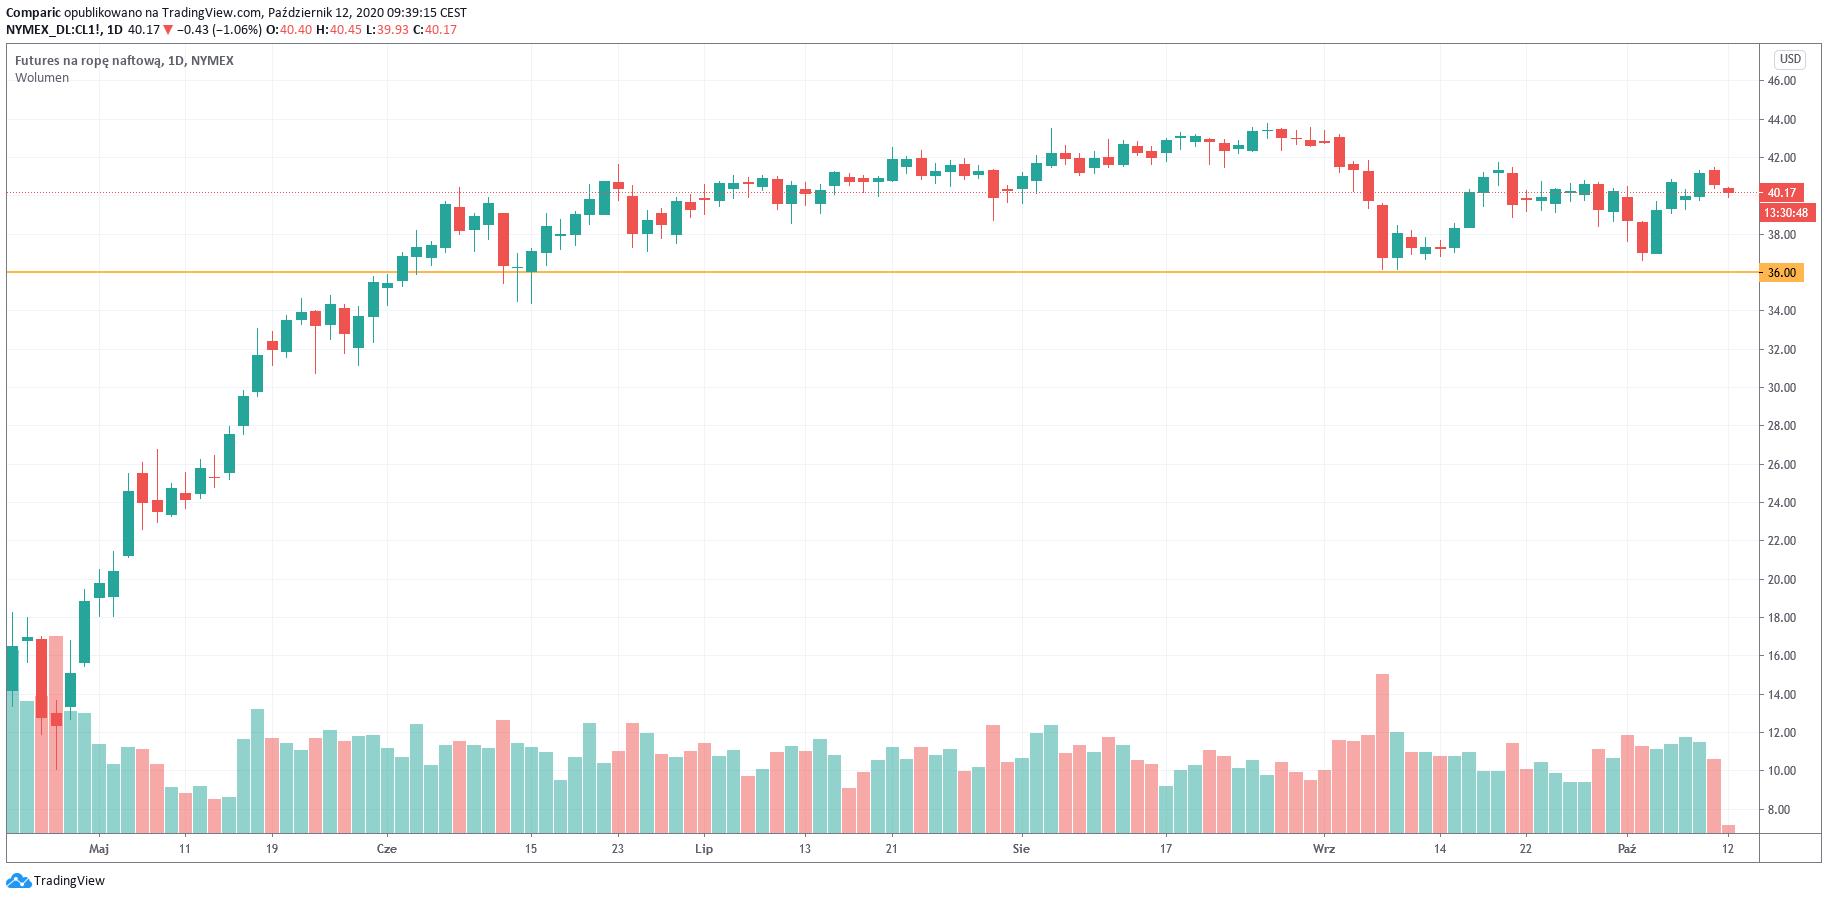 Cena ropy nieco powyżej 40 dol. Nadwyżka podaży może obniżyć ceny paliw